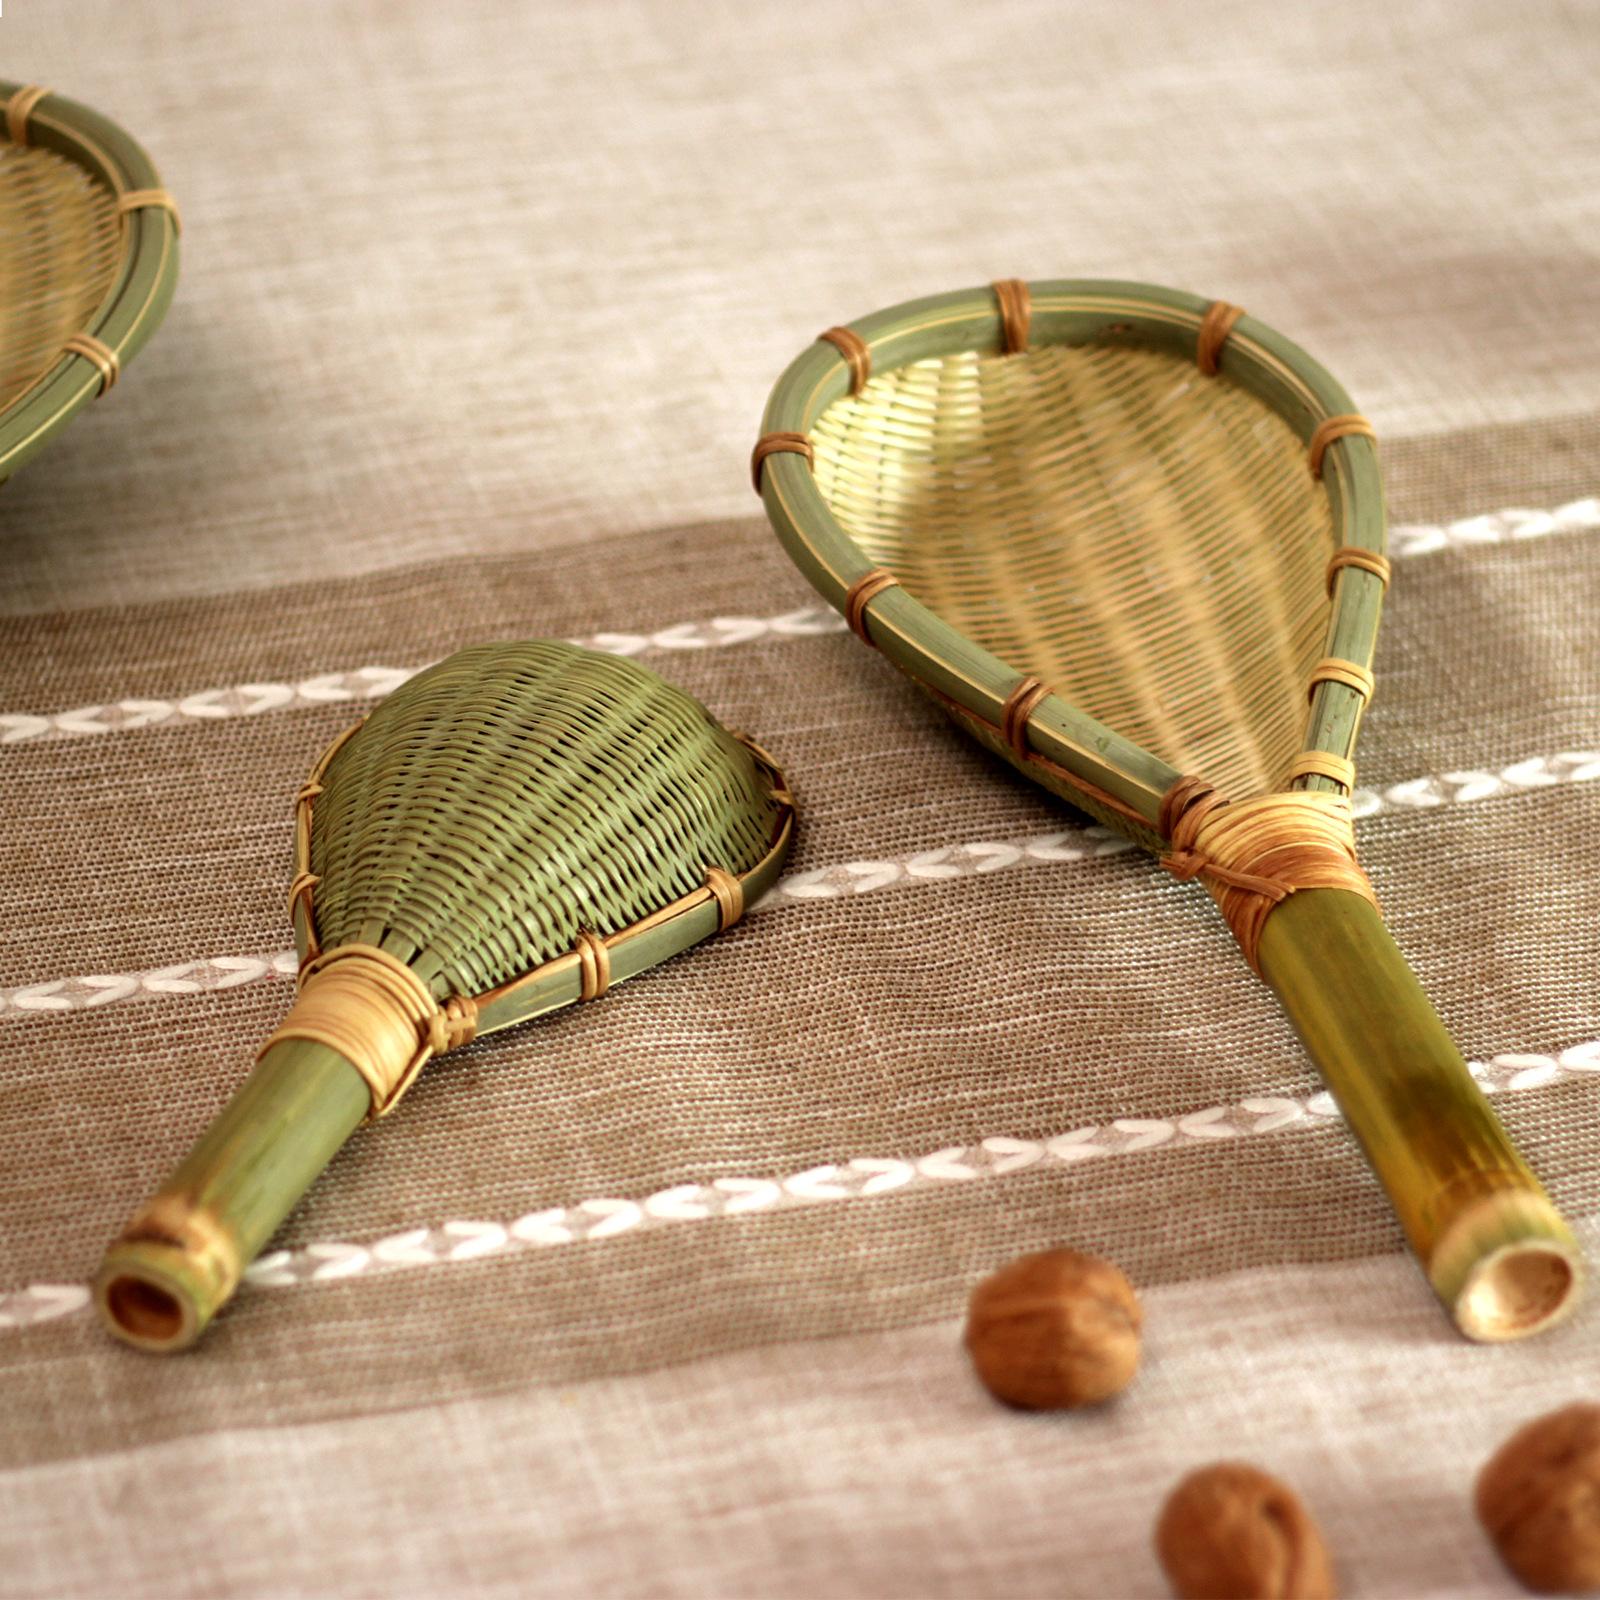 竹制品竹编漏勺 捞面条捞勺麻辣烫滤竹网勺 网漏捞漏过滤勺油炸